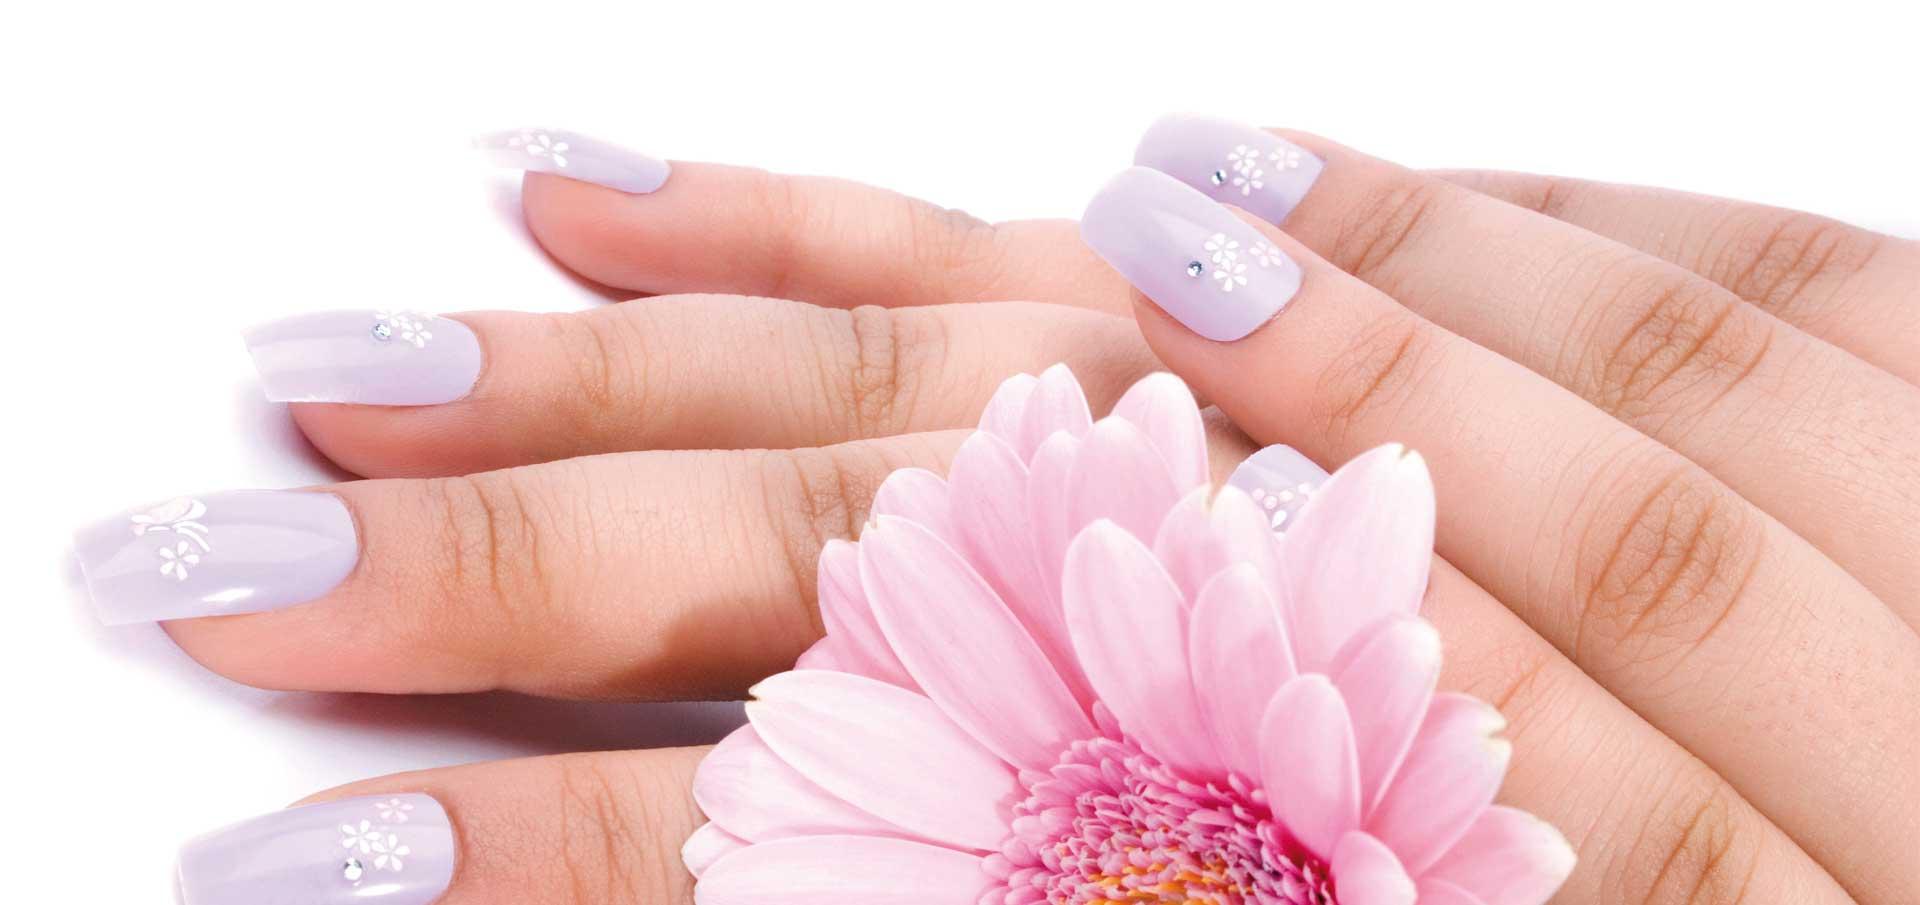 La nuova frontiera della ricostruzione unghie: NailOver